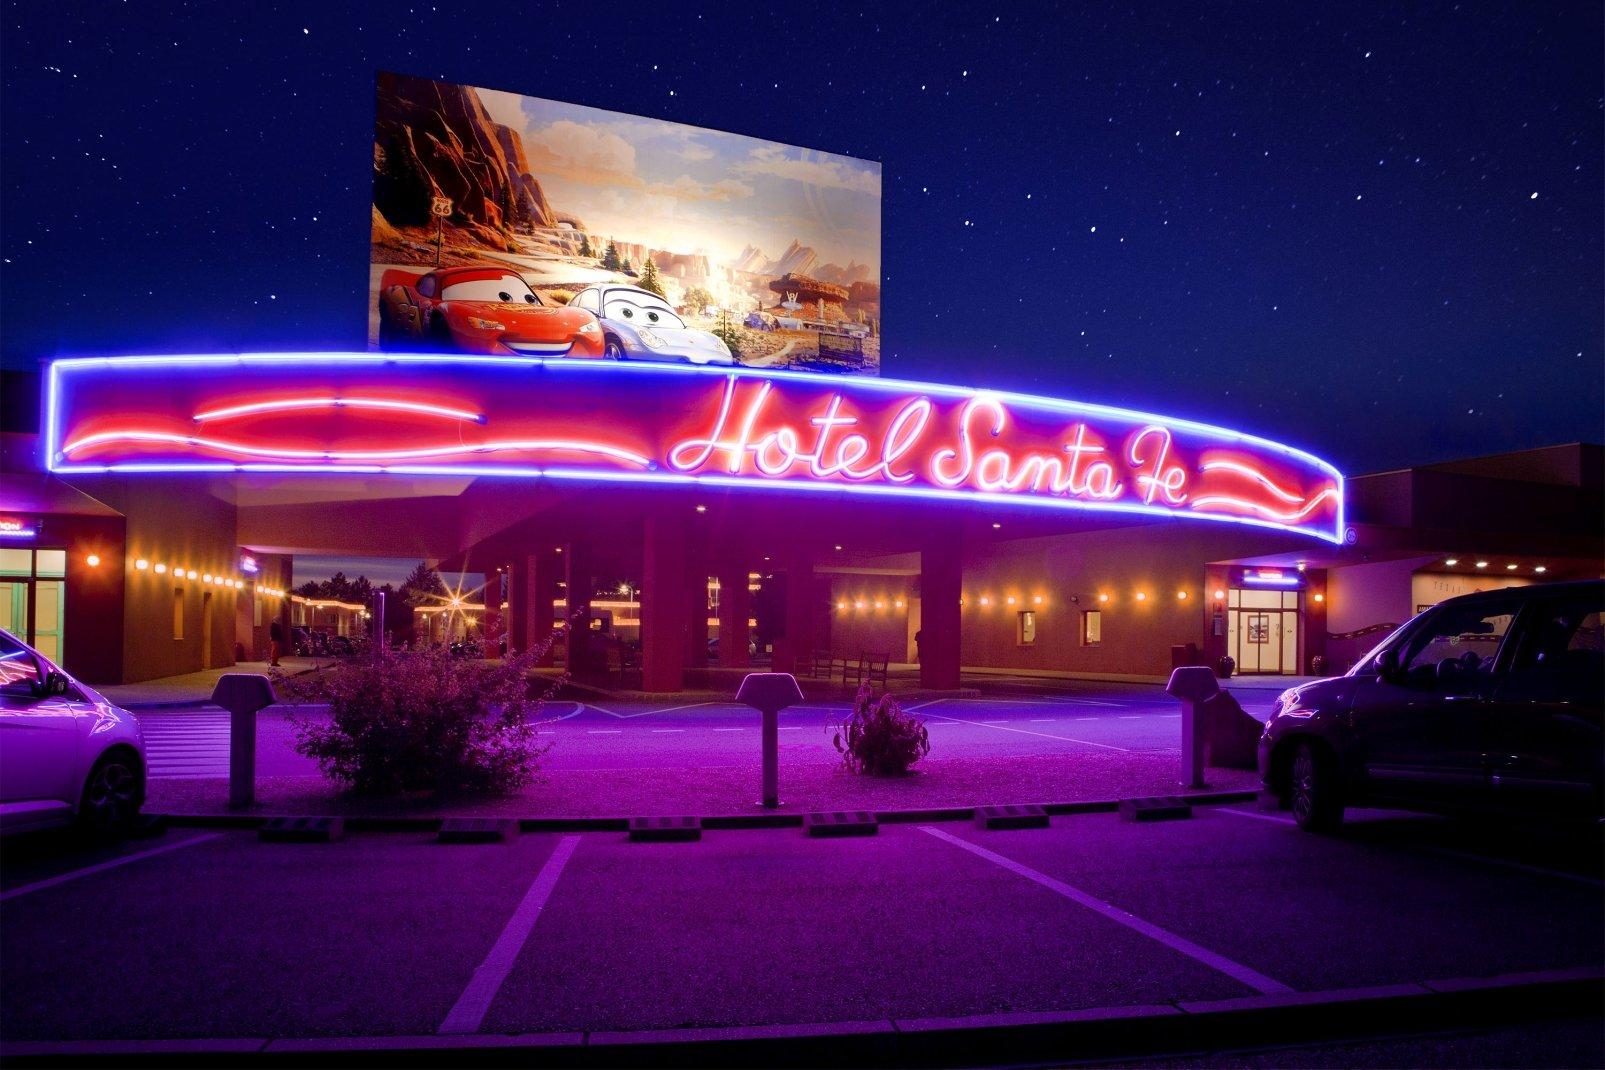 Disney's Hôtel Santa Fe - Jusqu'à -30% sur votre séjour + 100 euros de CARTE CADEAU OFFERTS*! - 1